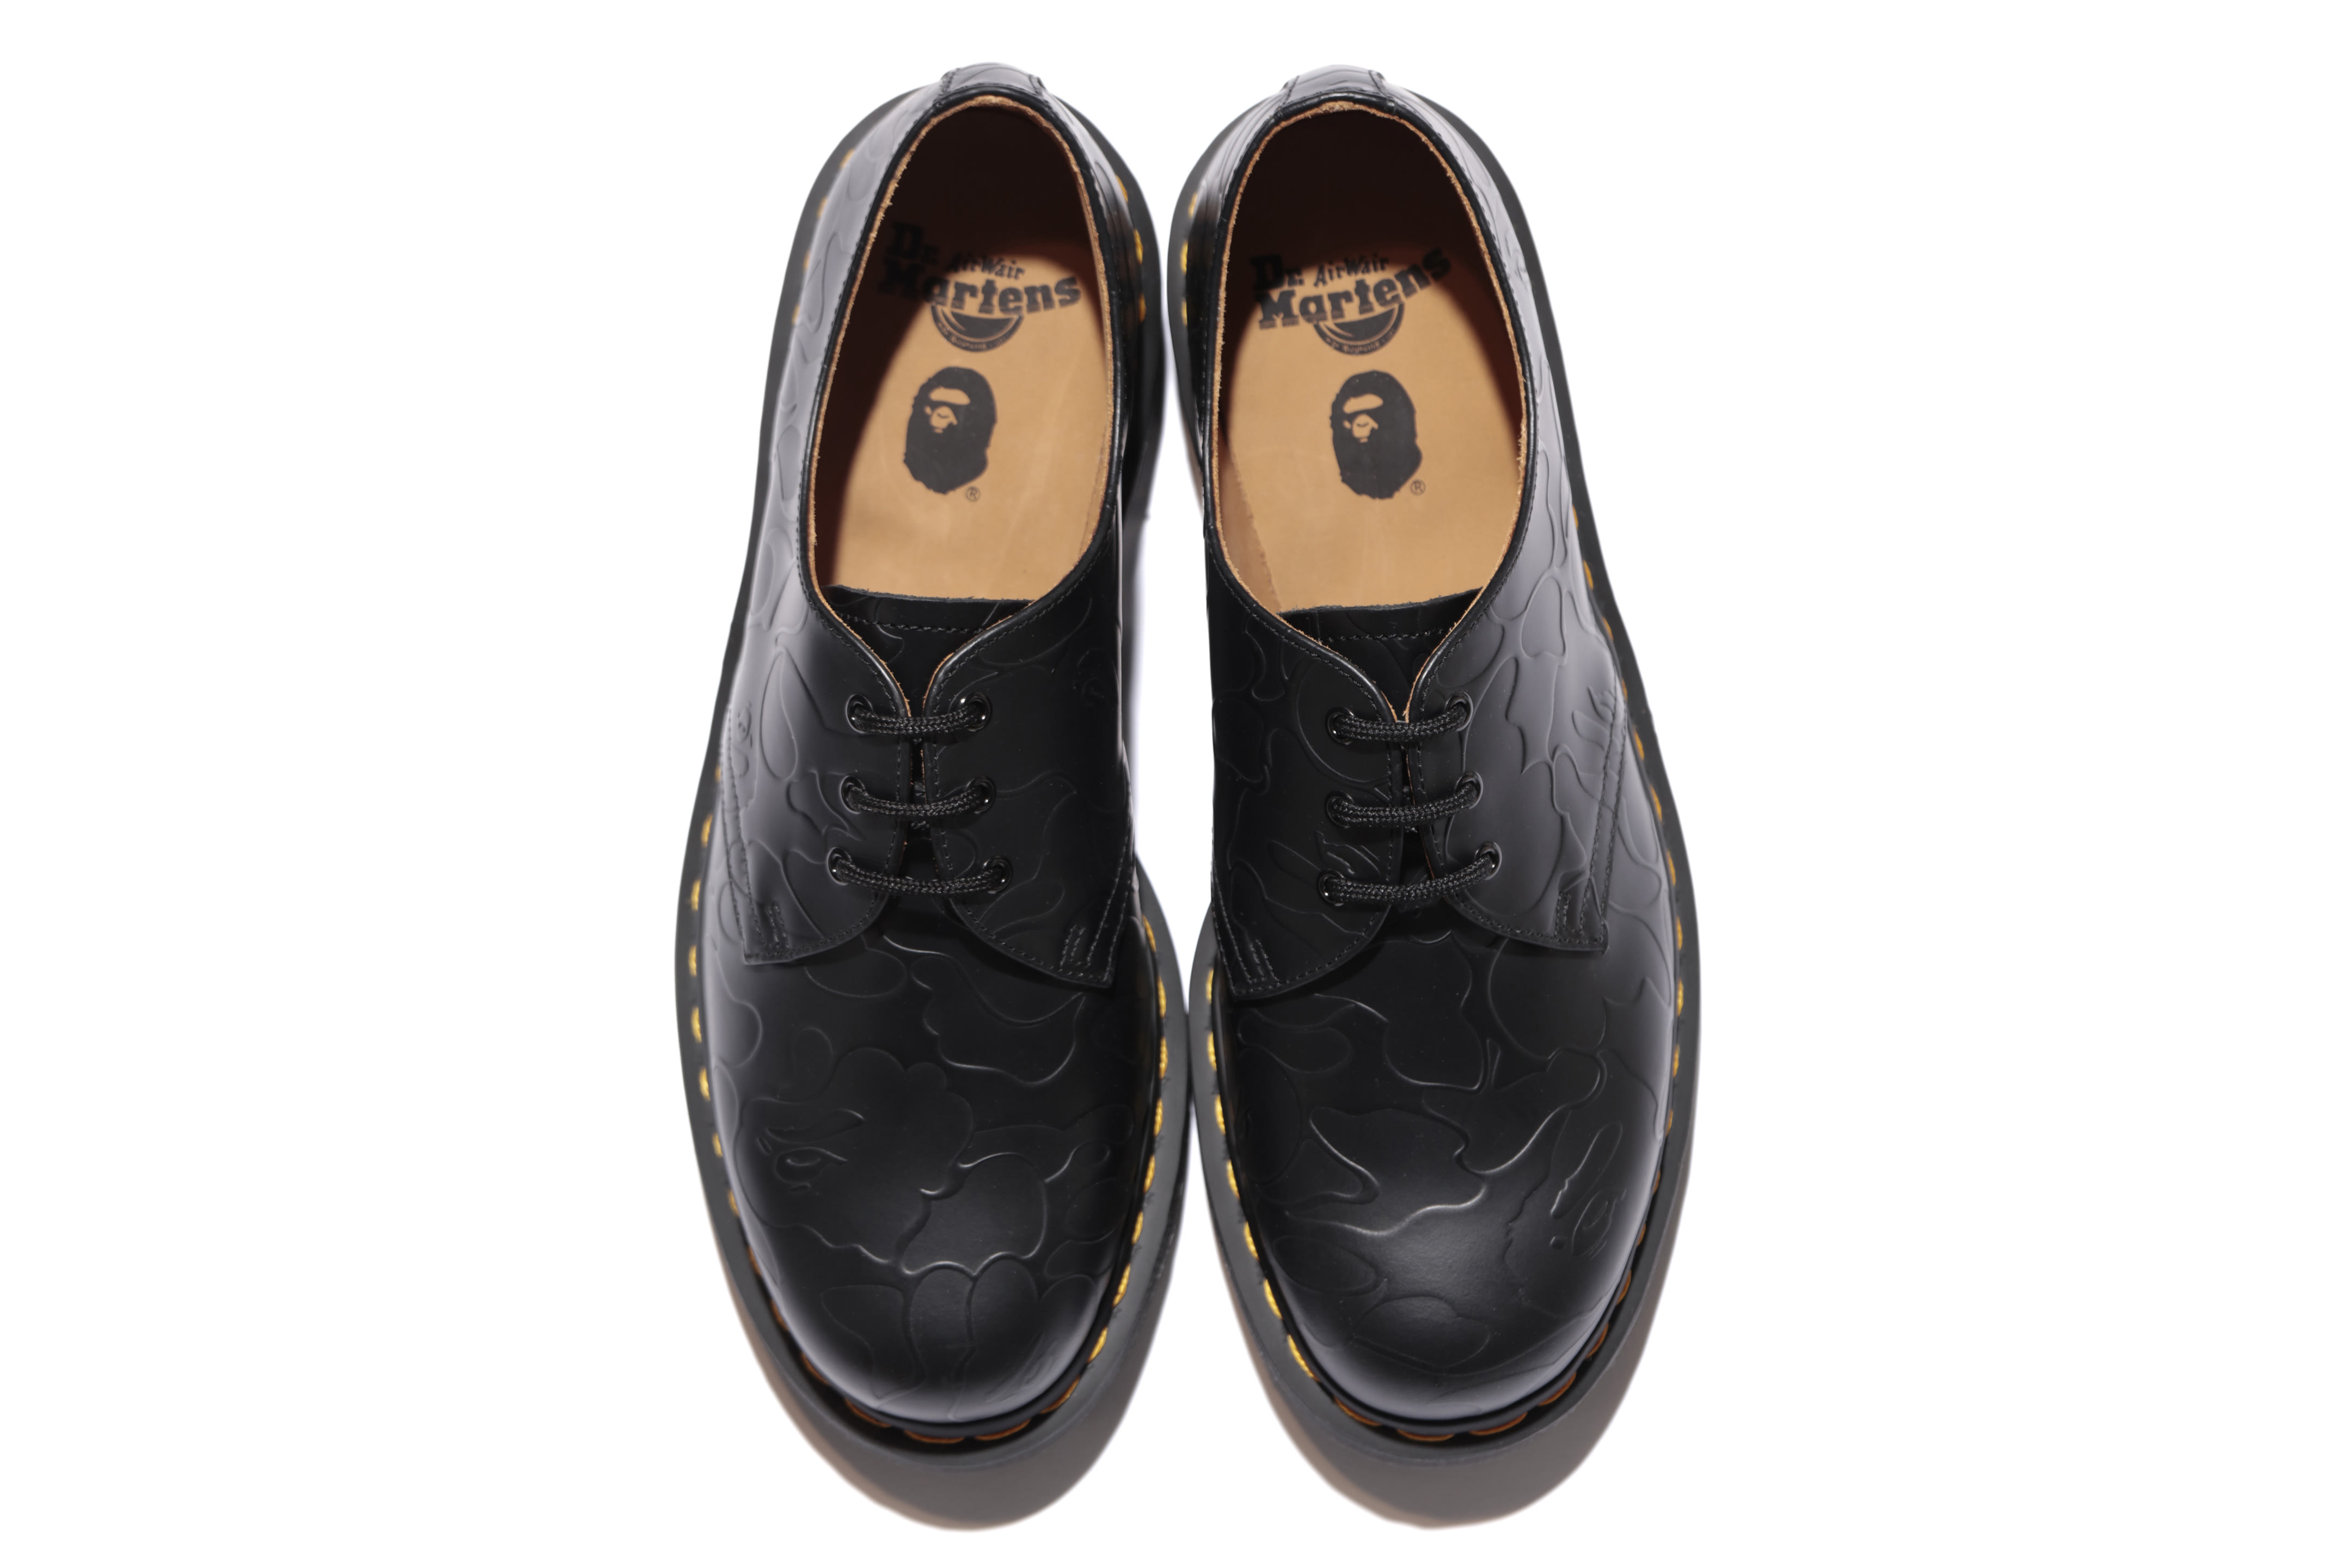 Bape x Dr. Martens 1461 'Black' (Top)